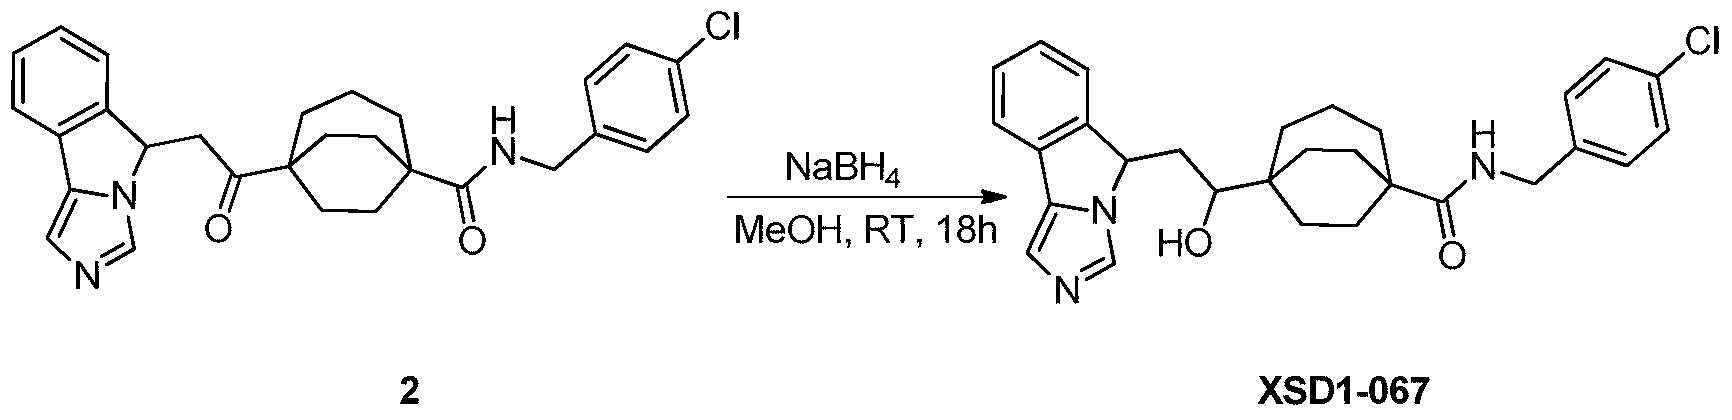 Figure PCTCN2017084604-appb-000084